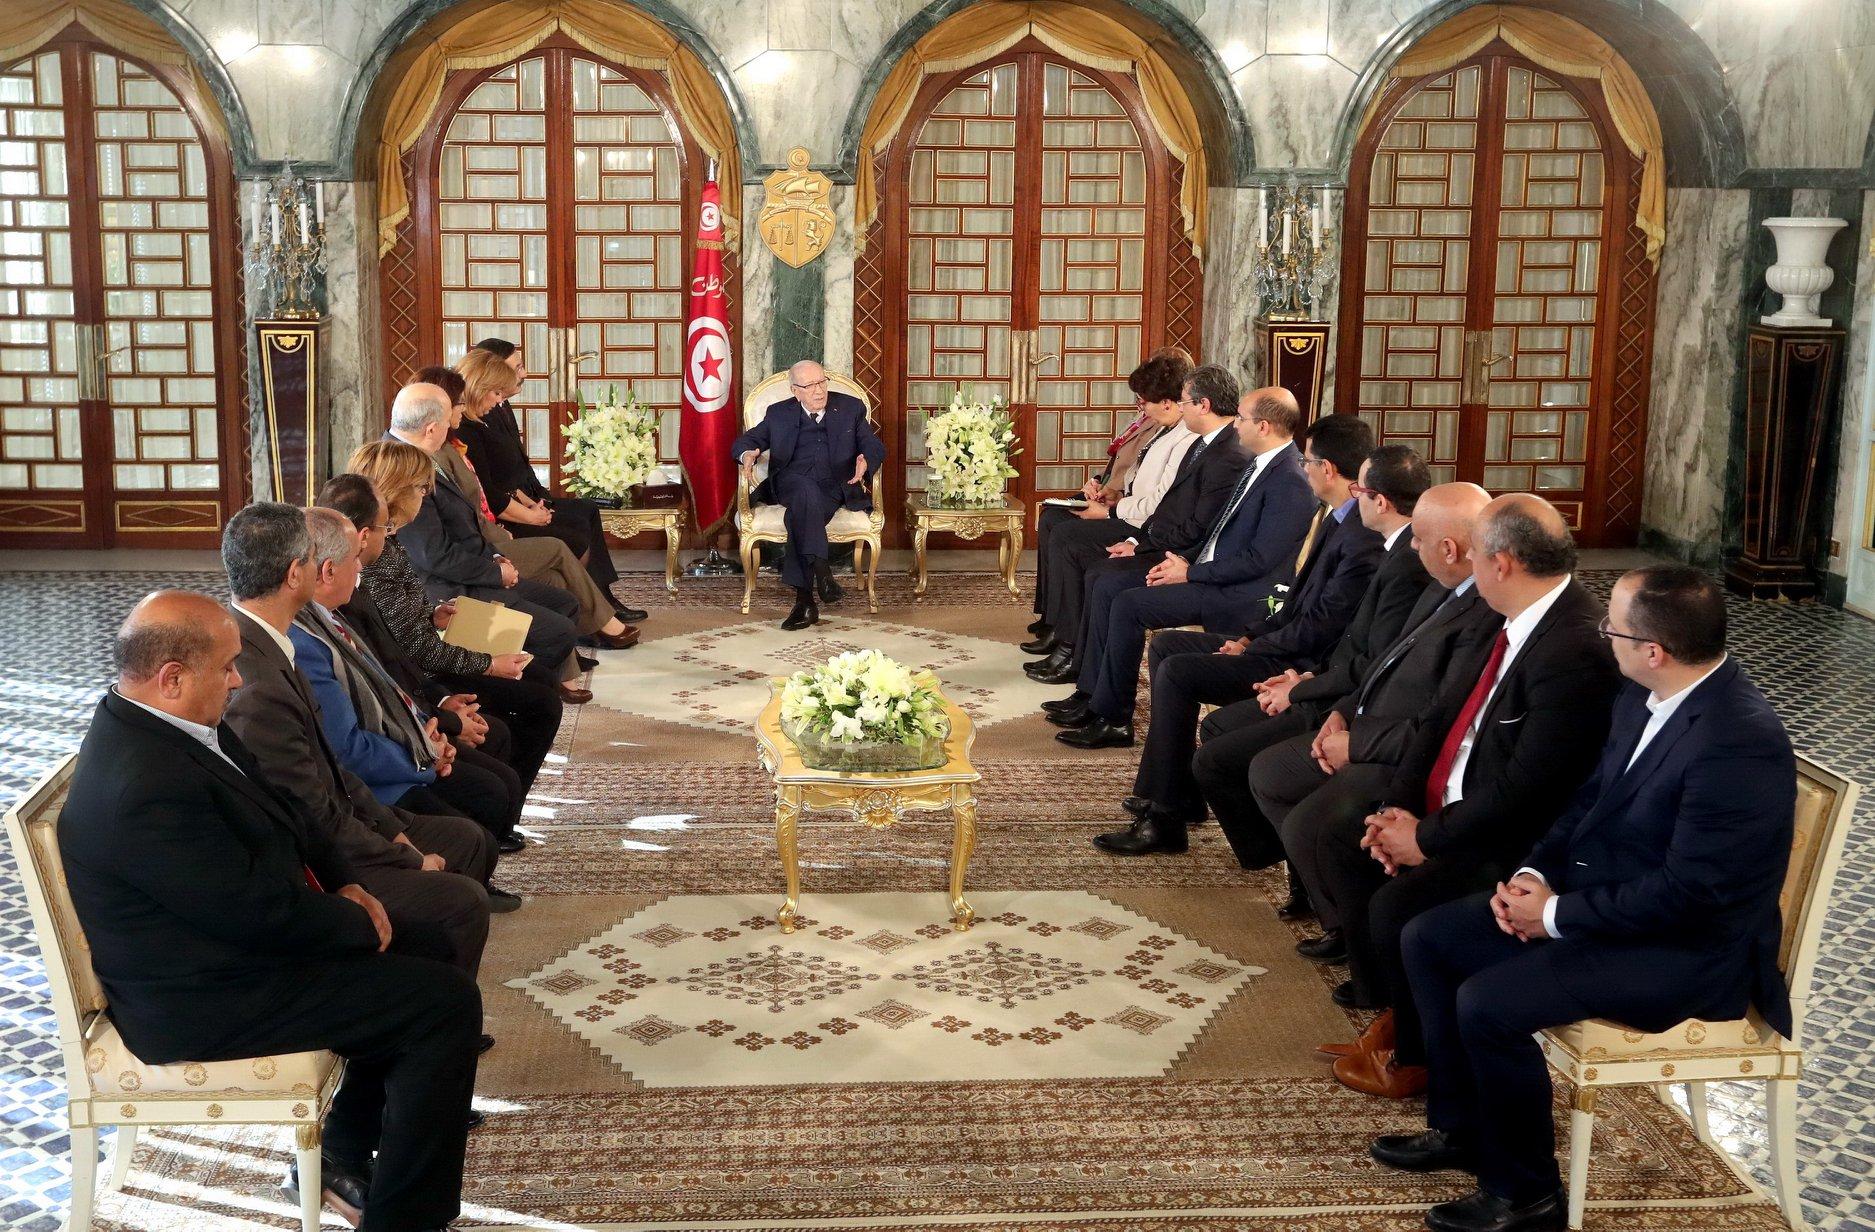 رئيس الجمهورية يتعهّد بدعم الصحافة المكتوبة والإلكترونية